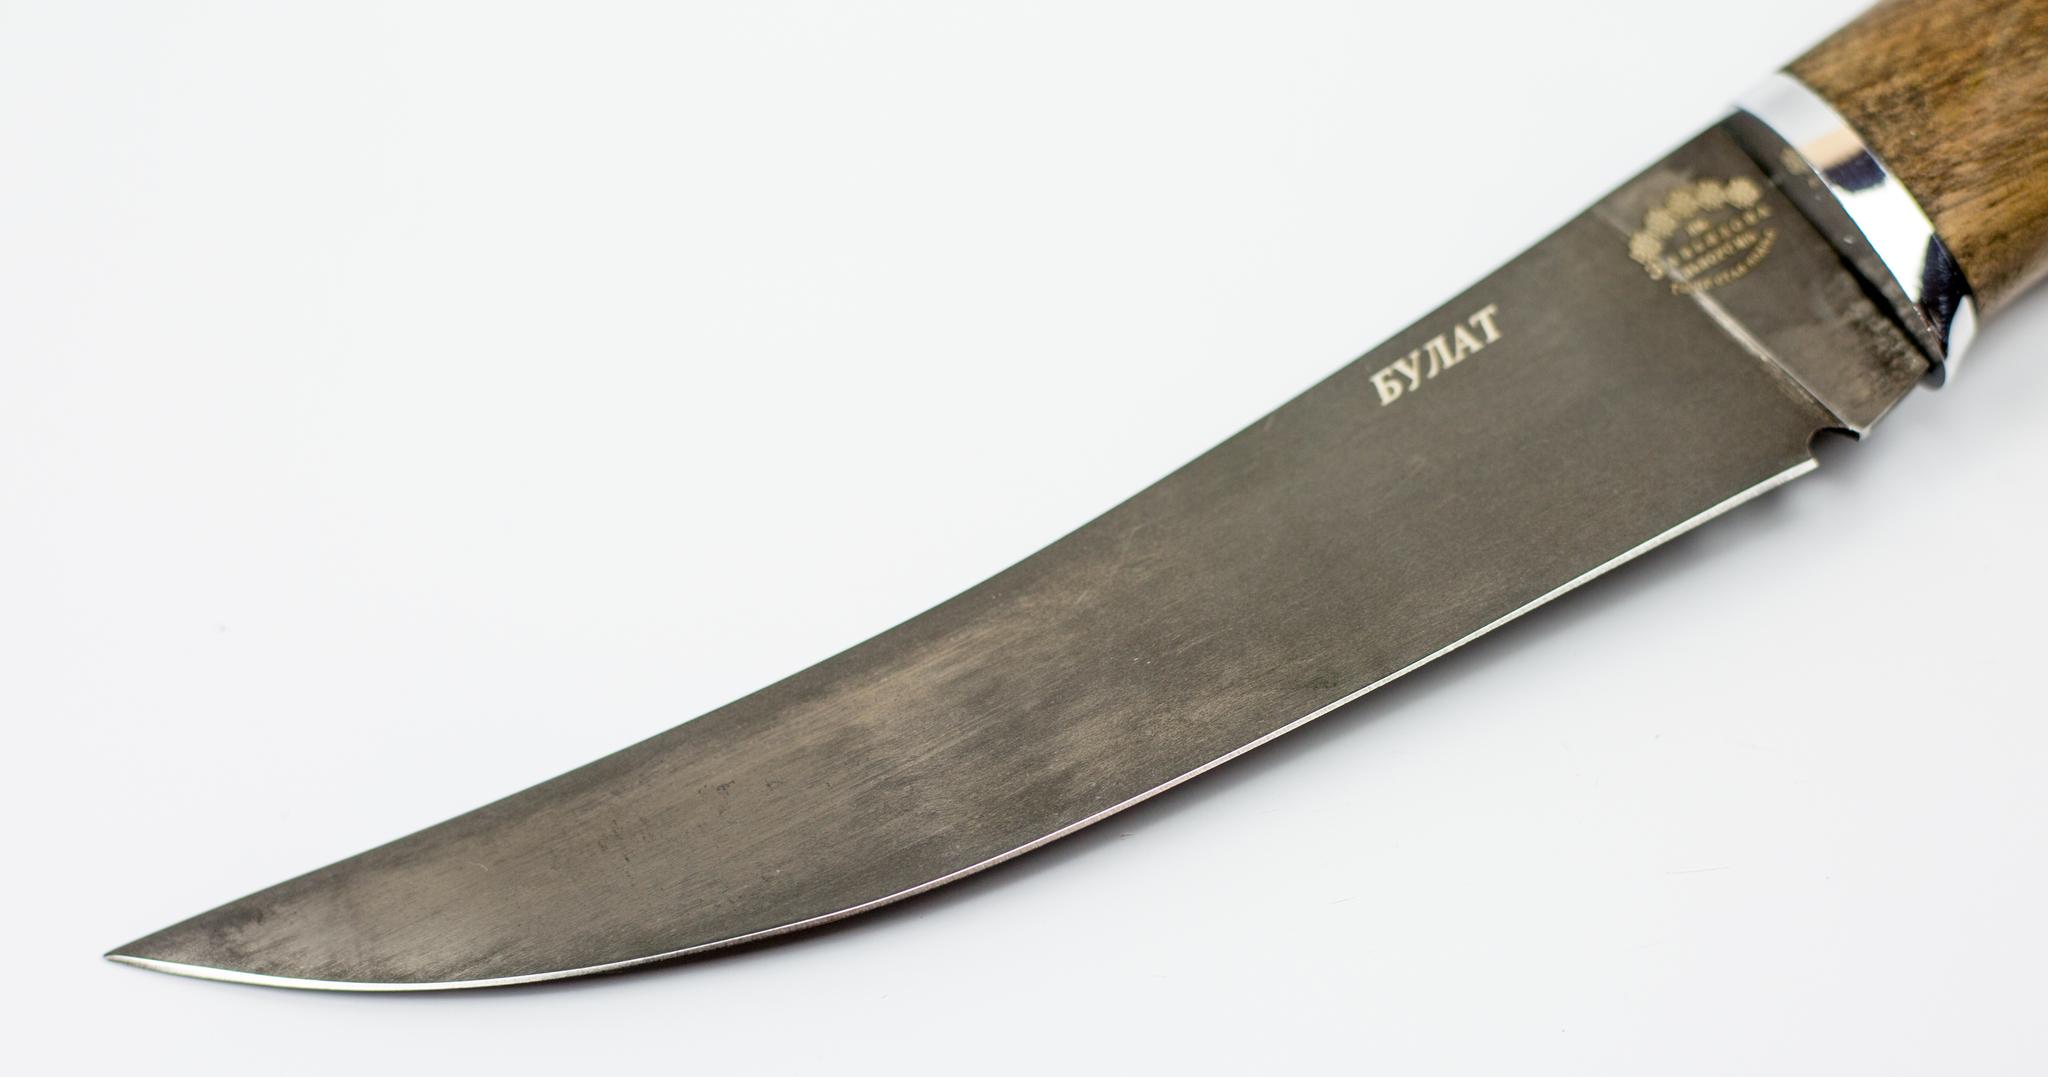 Фото 9 - Нож филейный Нерпа , сталь булат от Кузница Завьялова